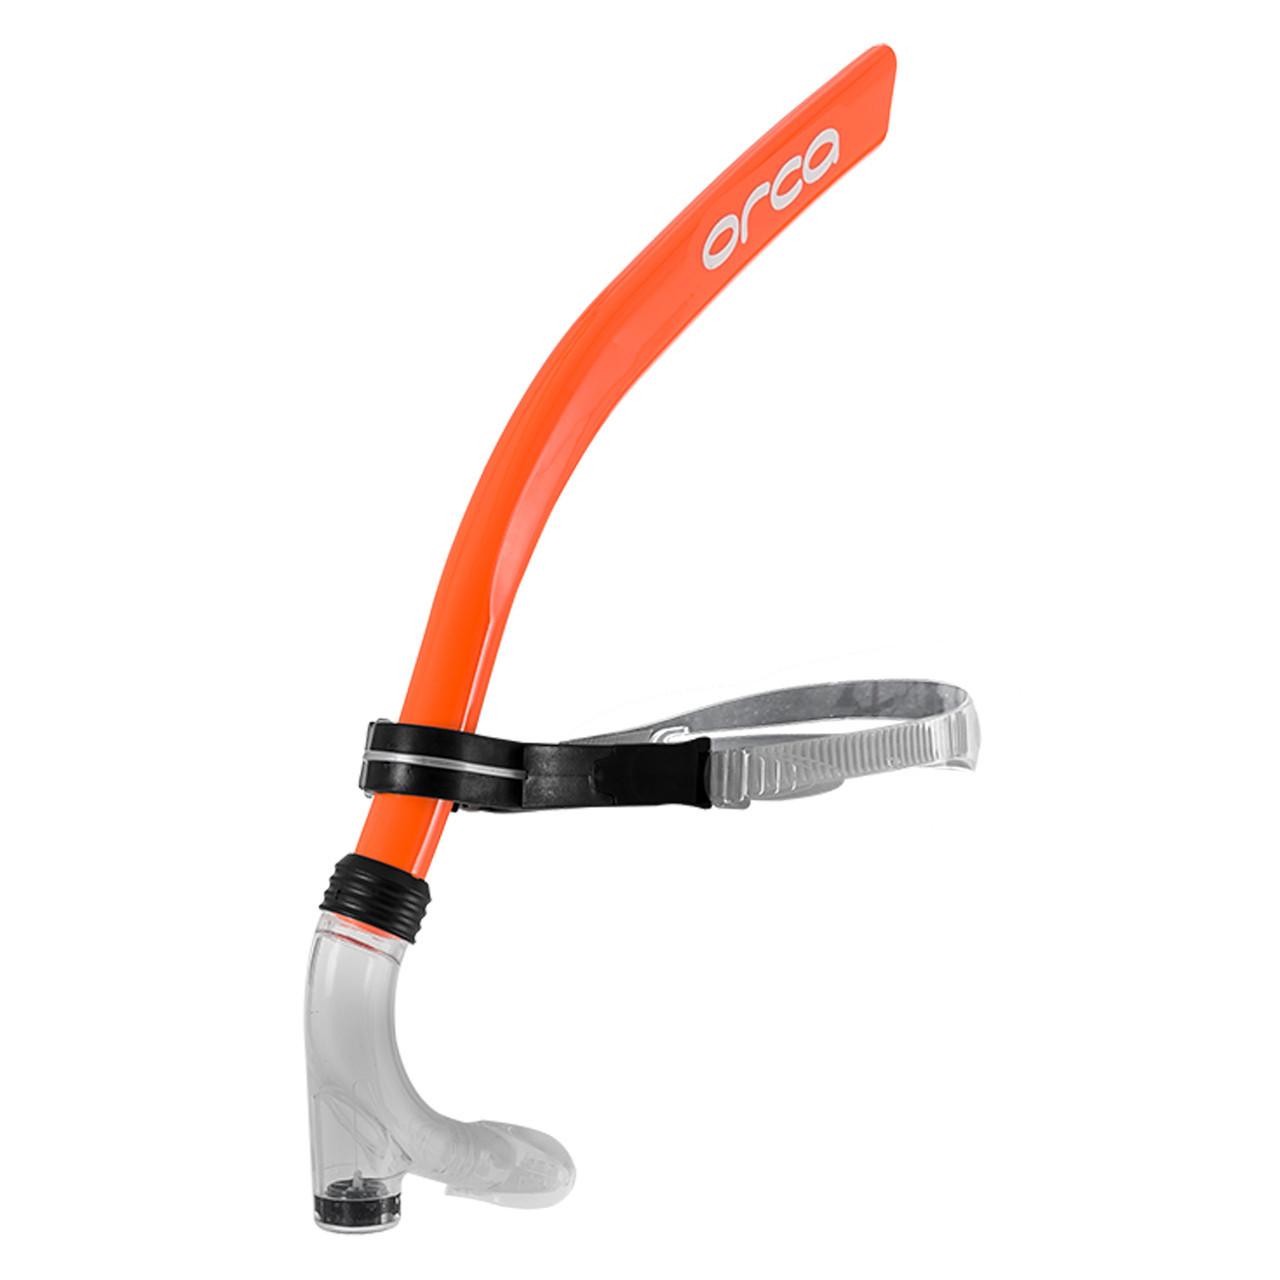 Orca Swim Snorkel - 2019 price